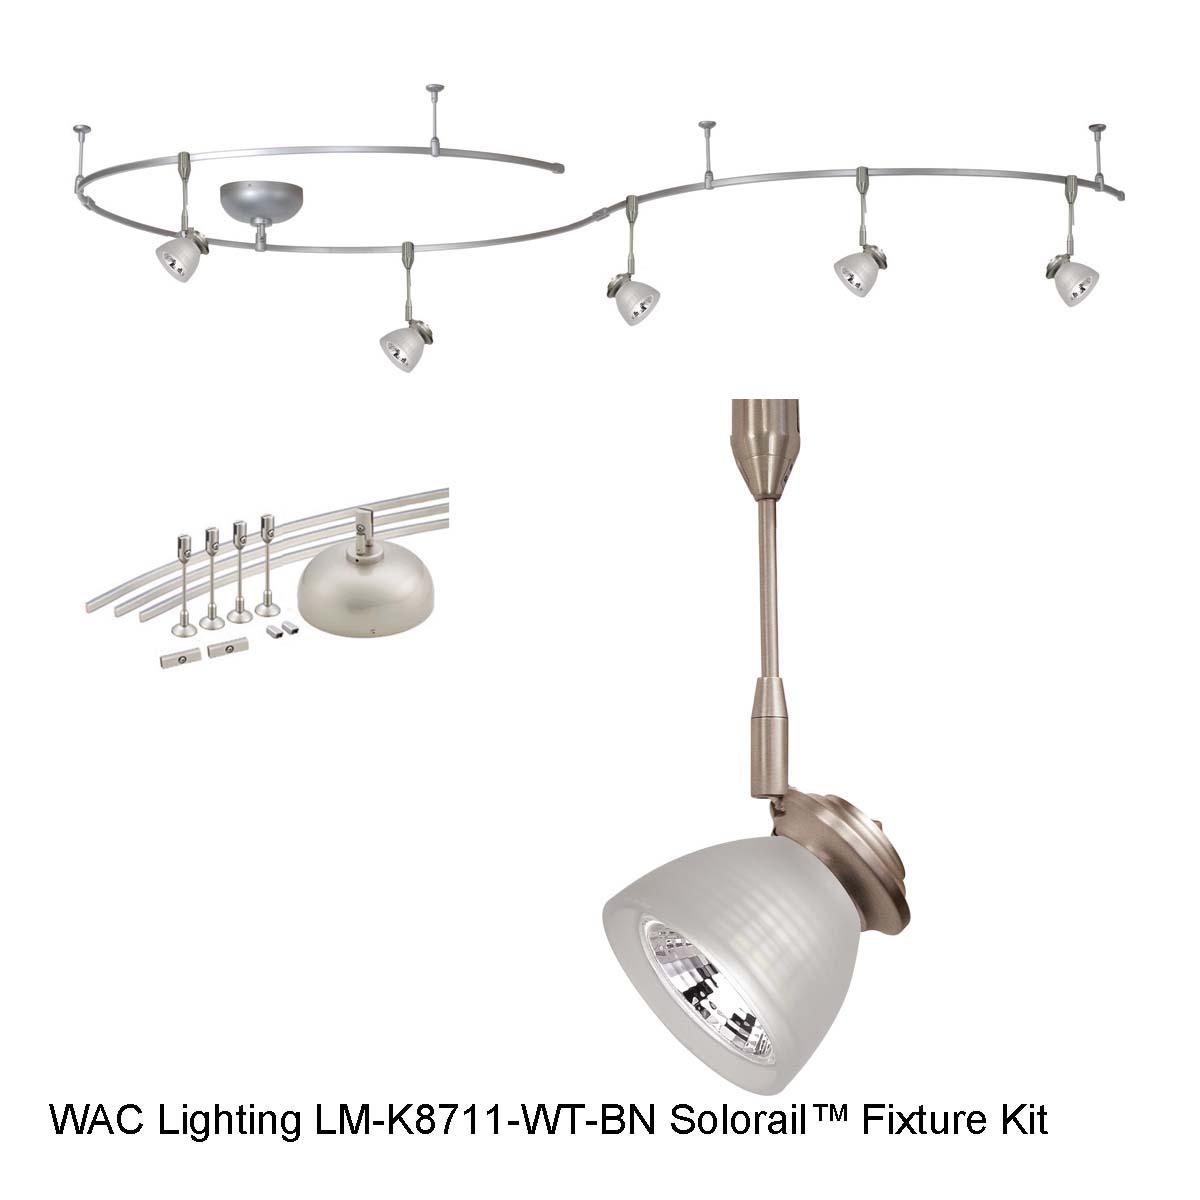 Wac Monorail Kit Lm K8711 Wt Bn